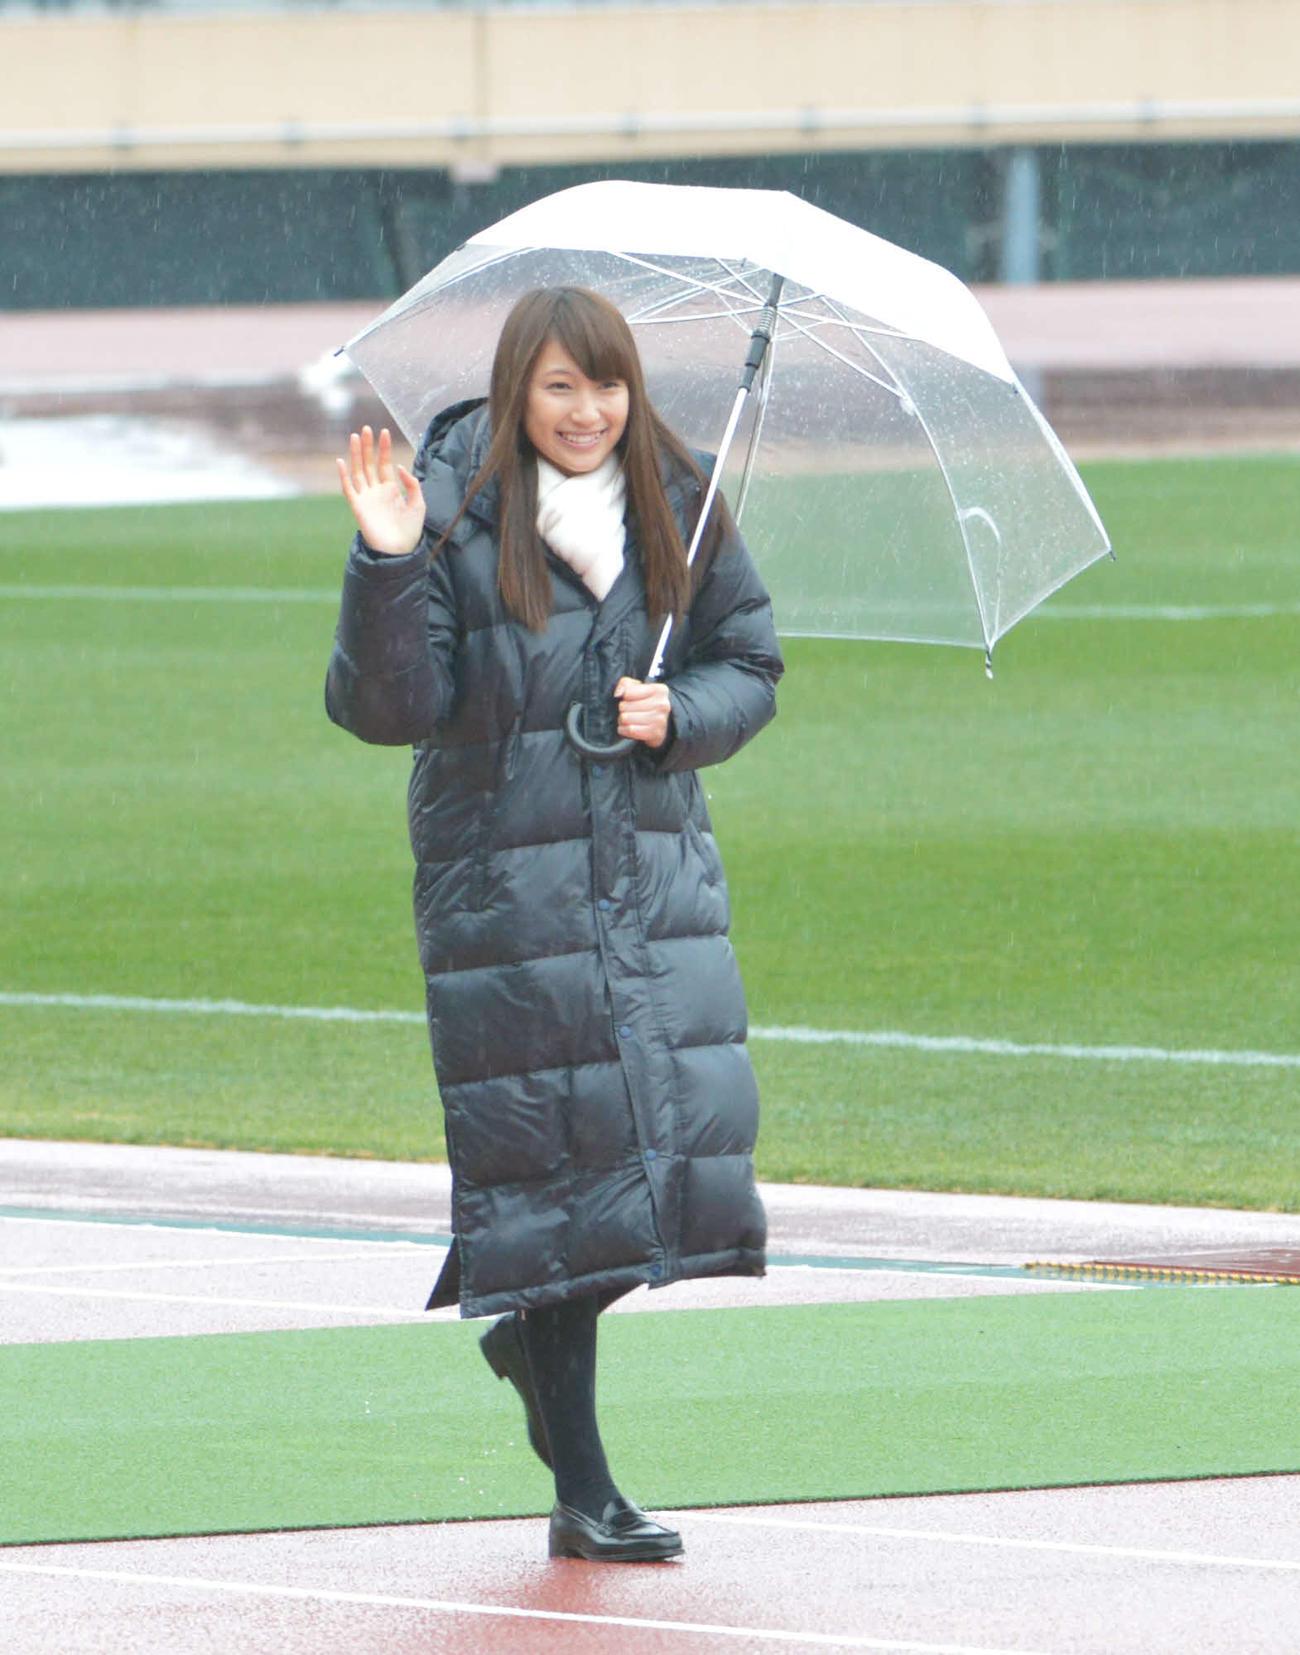 第91回全国高校サッカー選手権開会式 雨の中、手を振る大野いと(12年12月30日)